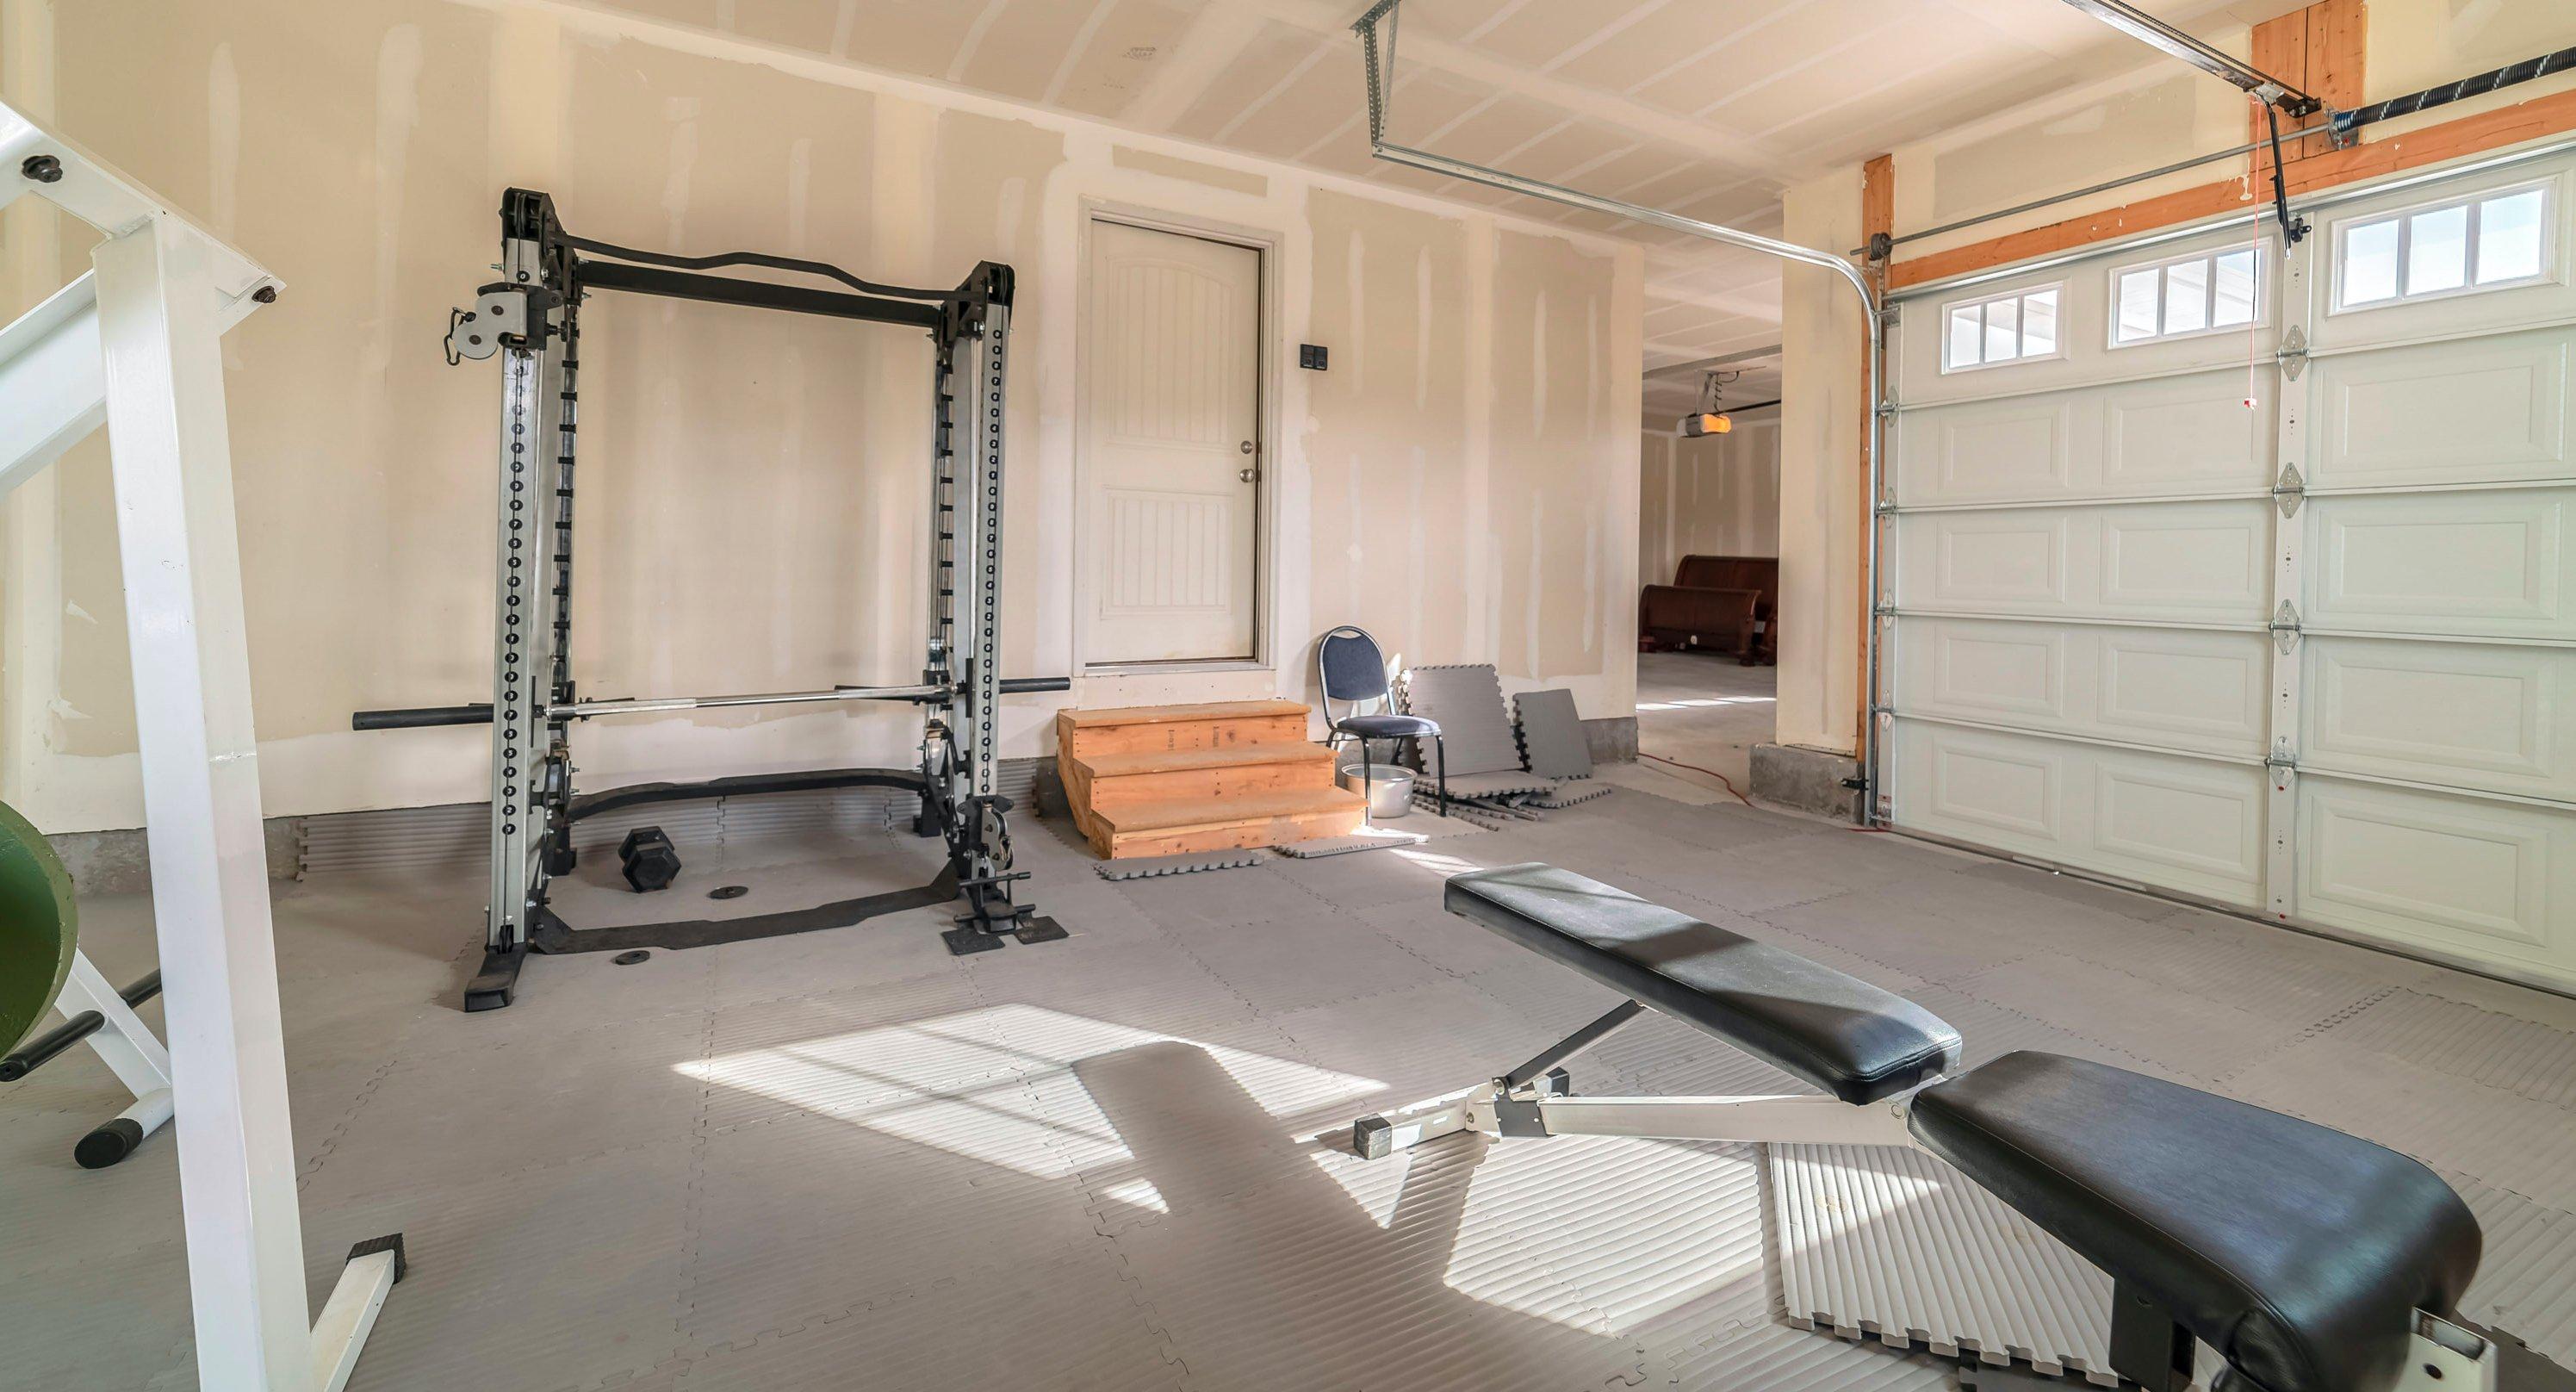 Gym in garage space